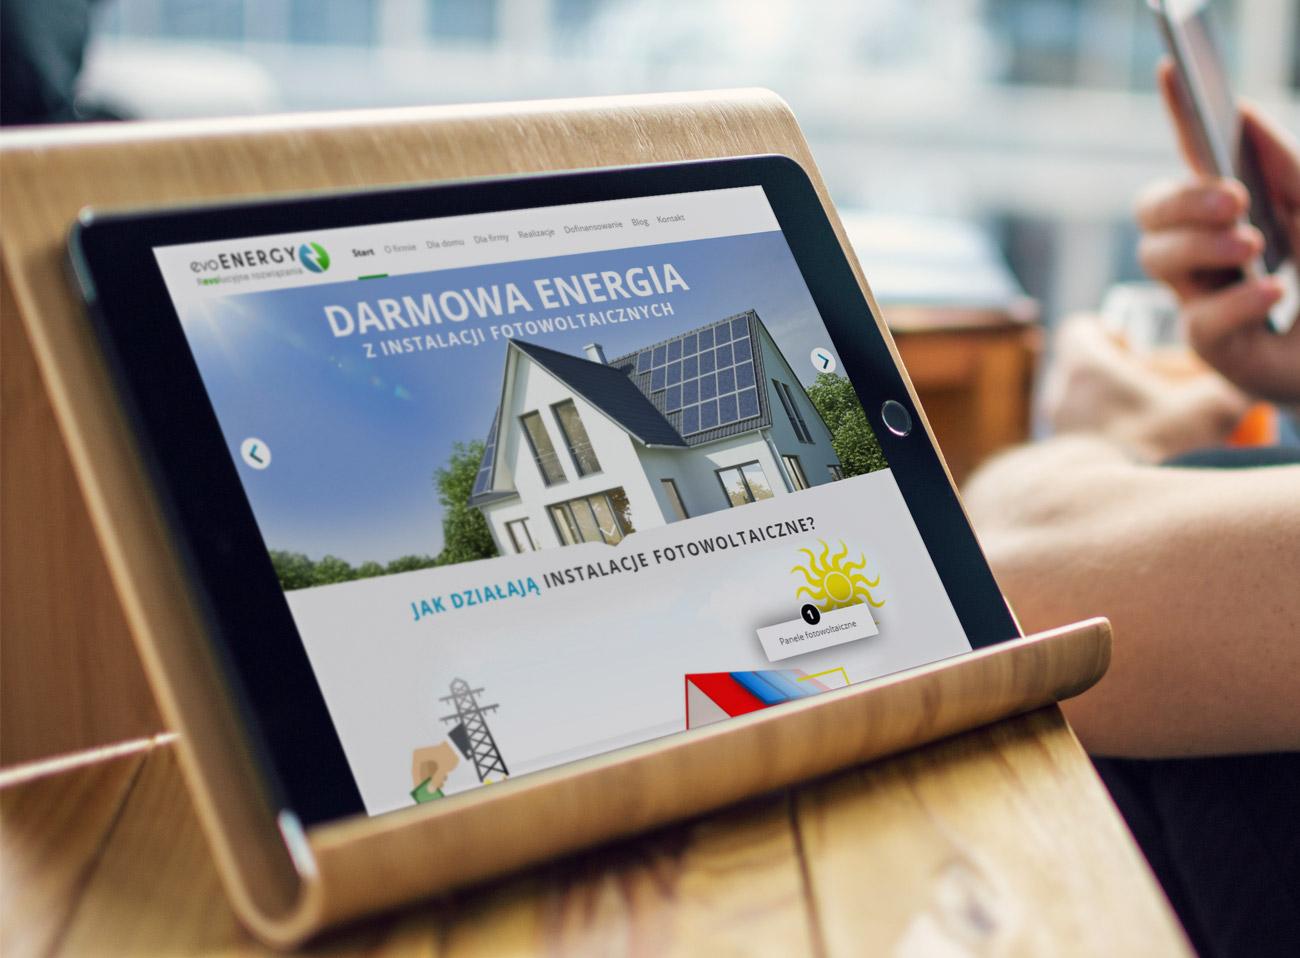 evoEnergy - strona internetowa promująca instalacje solarne